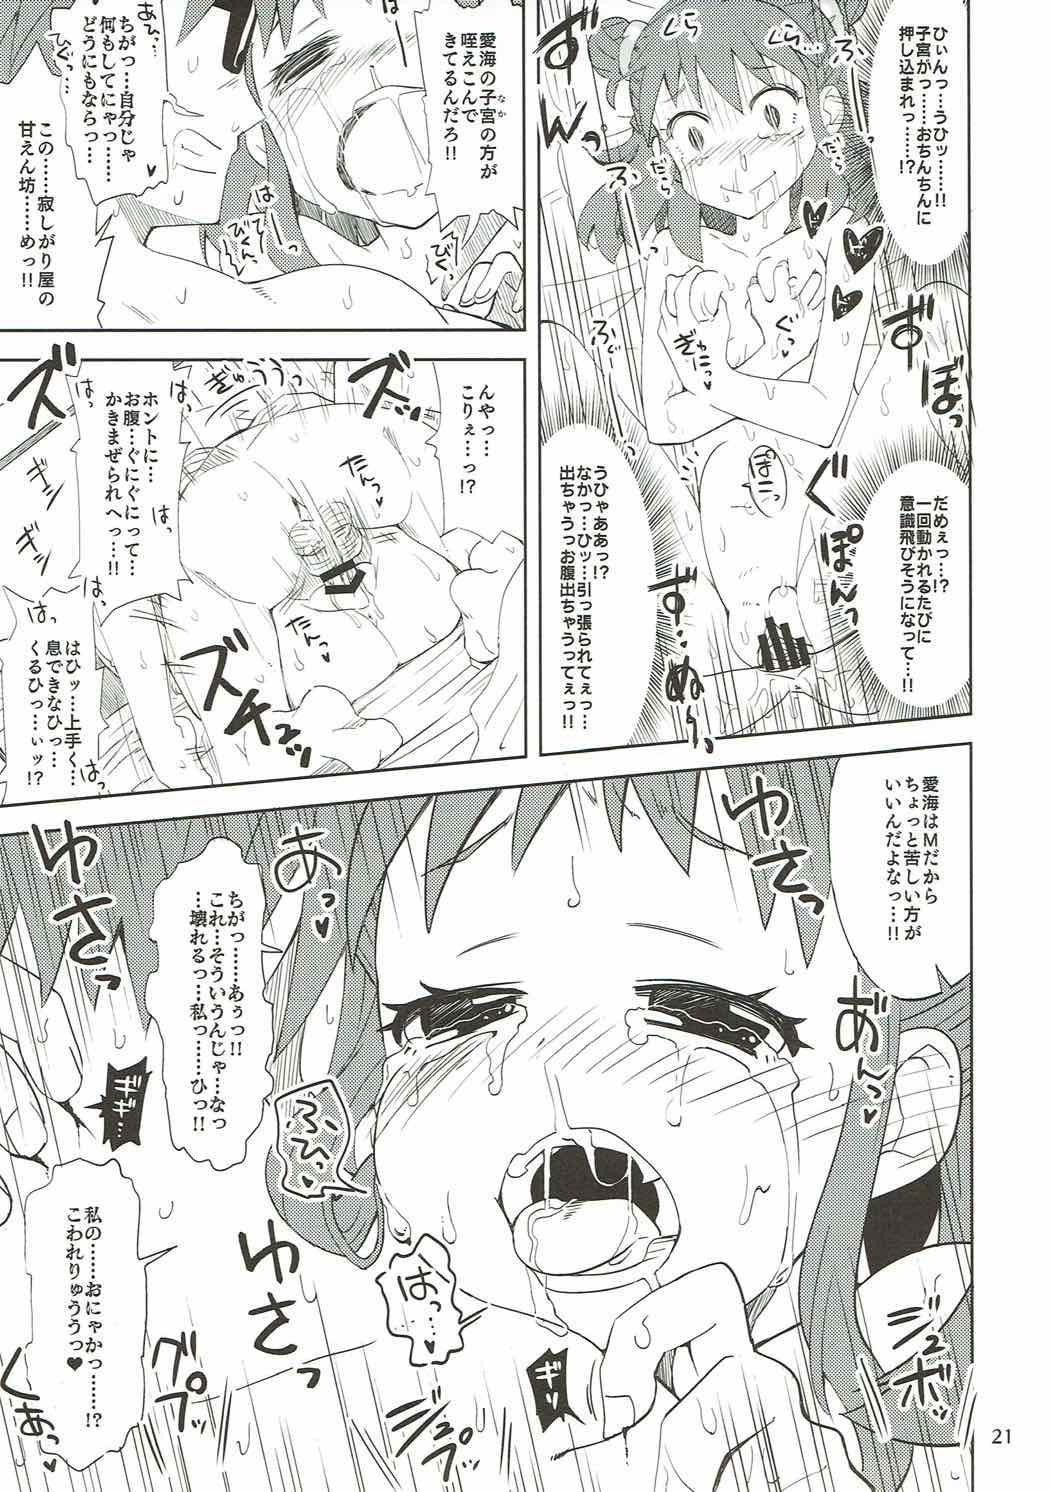 Samishigariya no Ai wa Umi yori mo Fukaku, Yama yori mo Yawai. 19